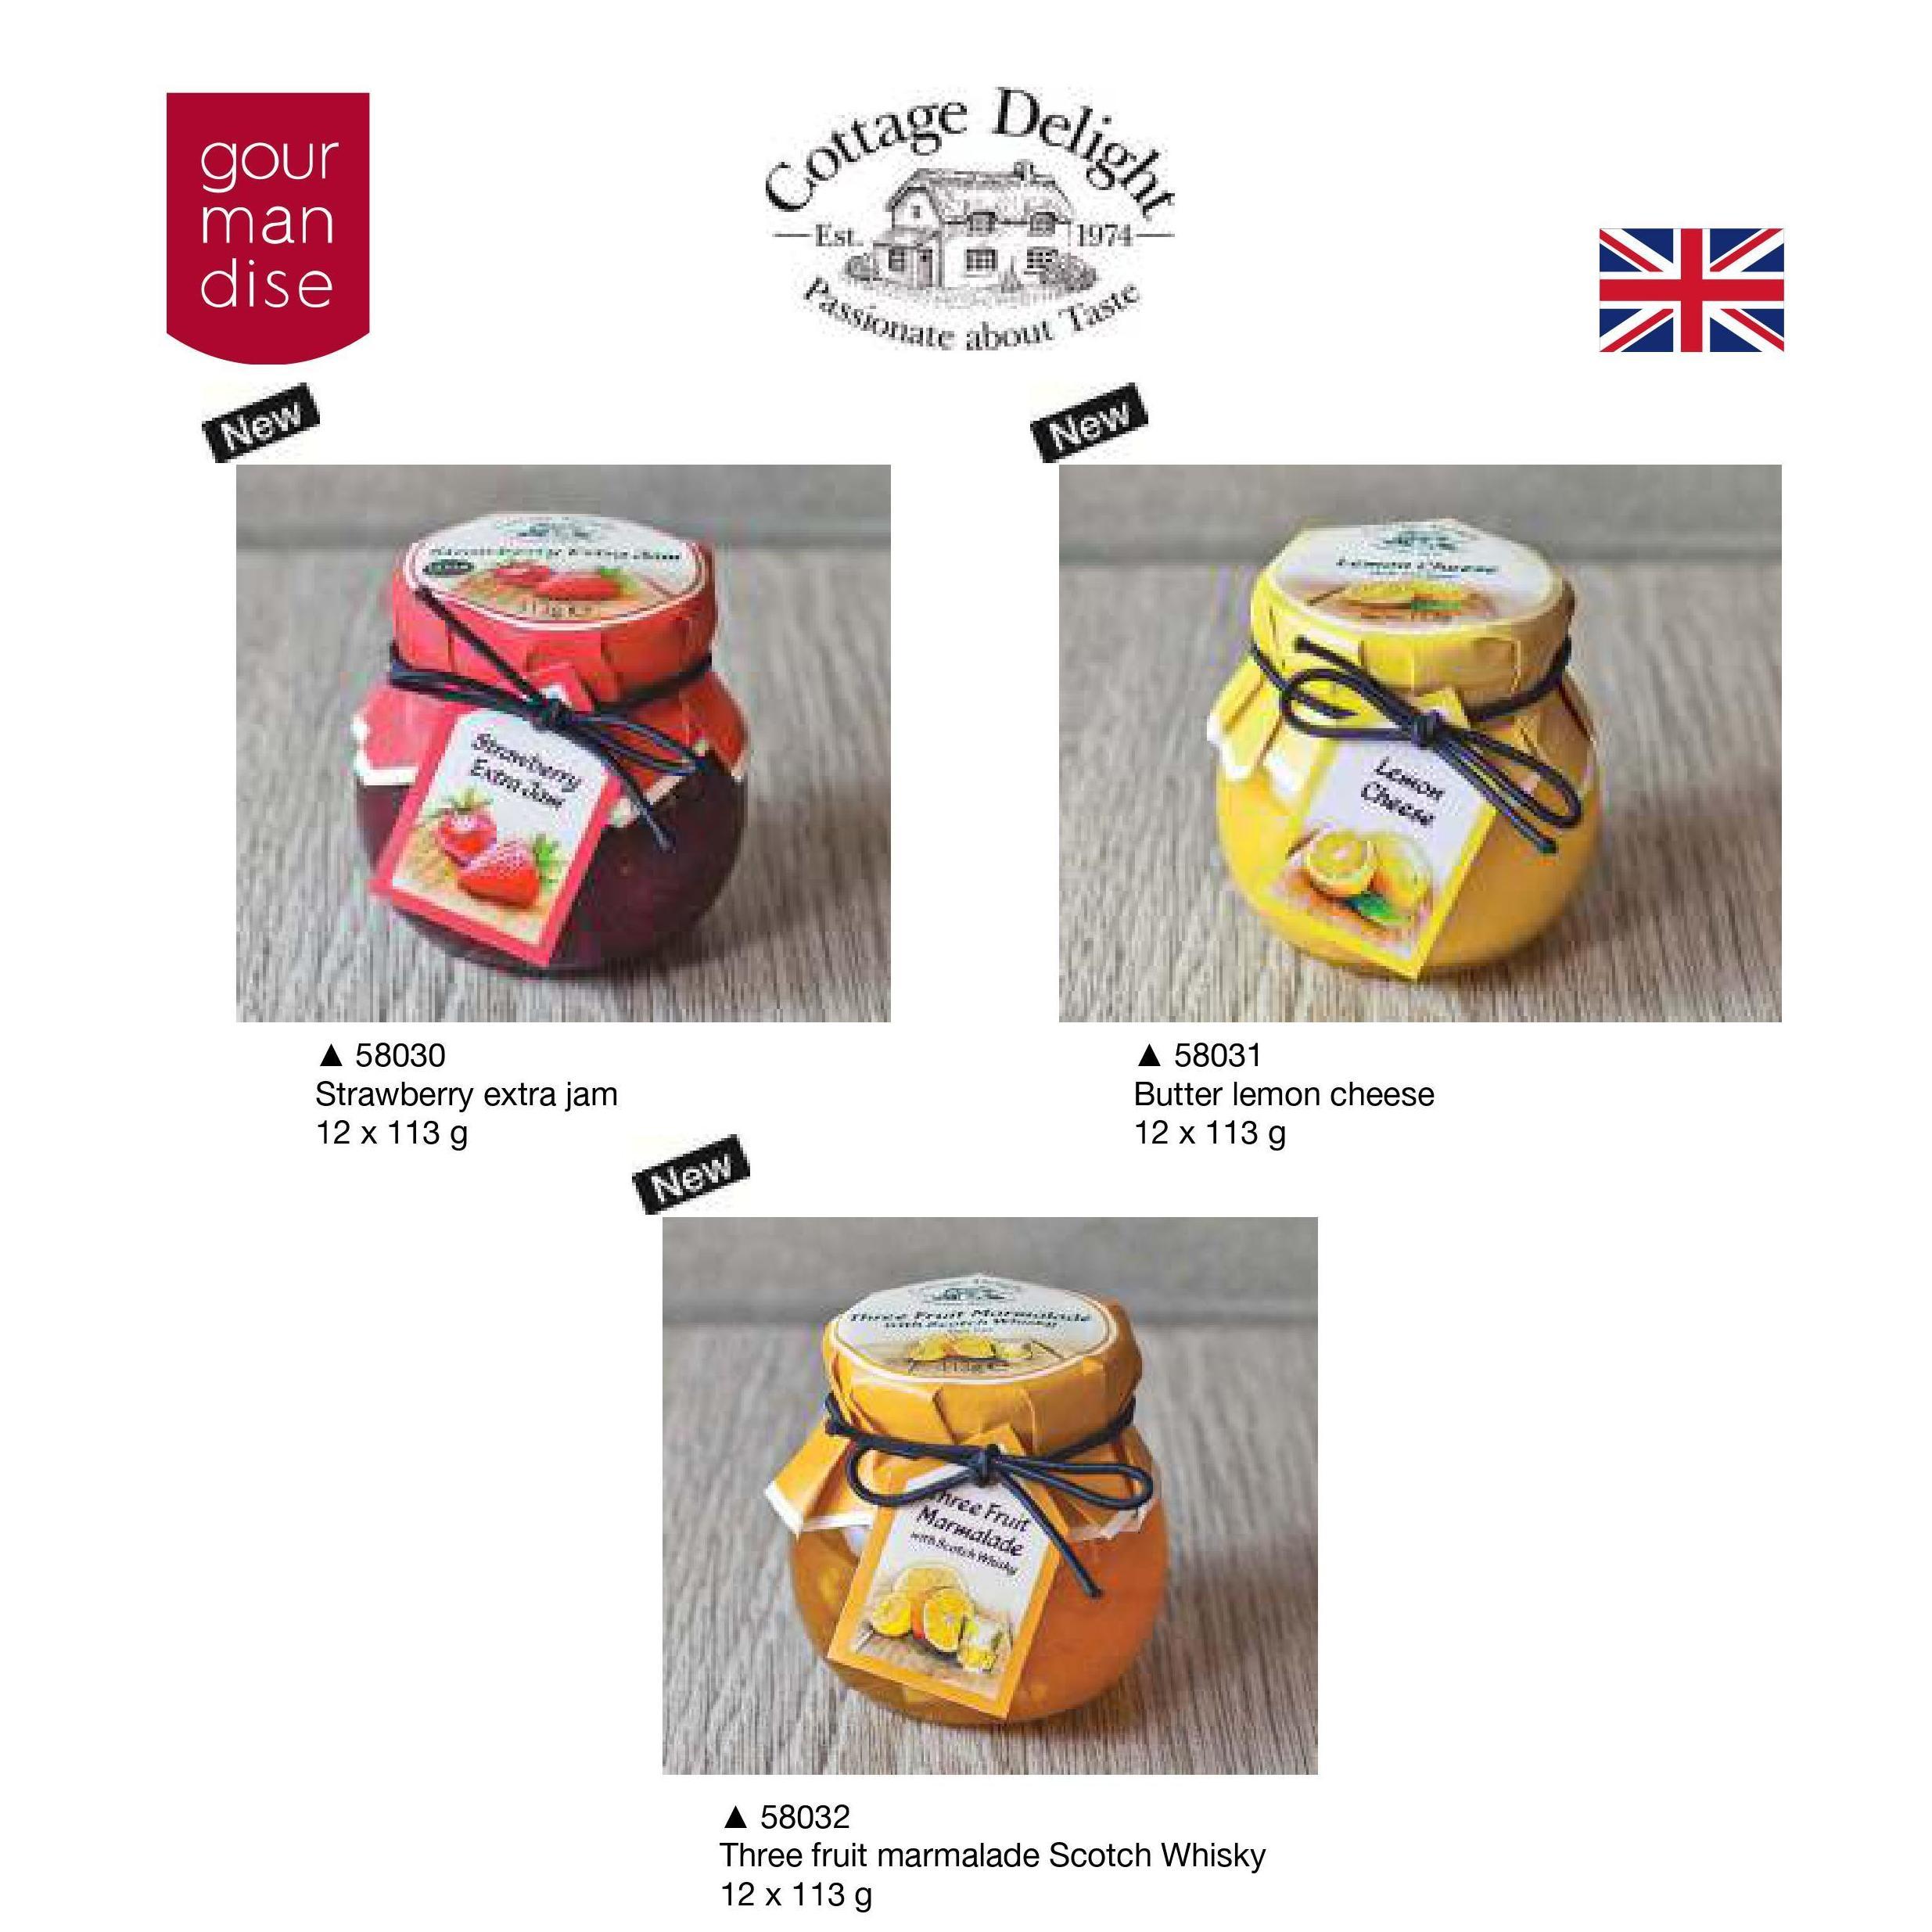 Cottage Delight. Mermeladas y salsas: Productos de Casa Bastida